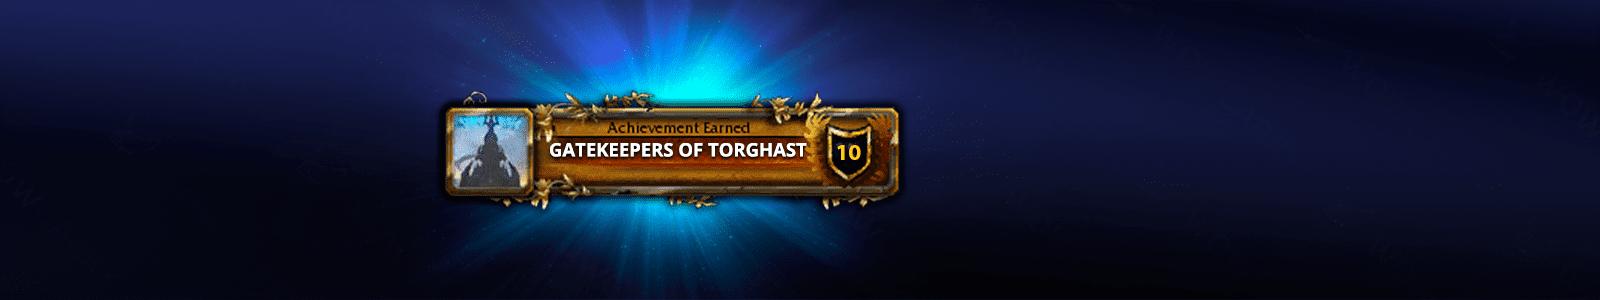 Gatekeepers of Torghast